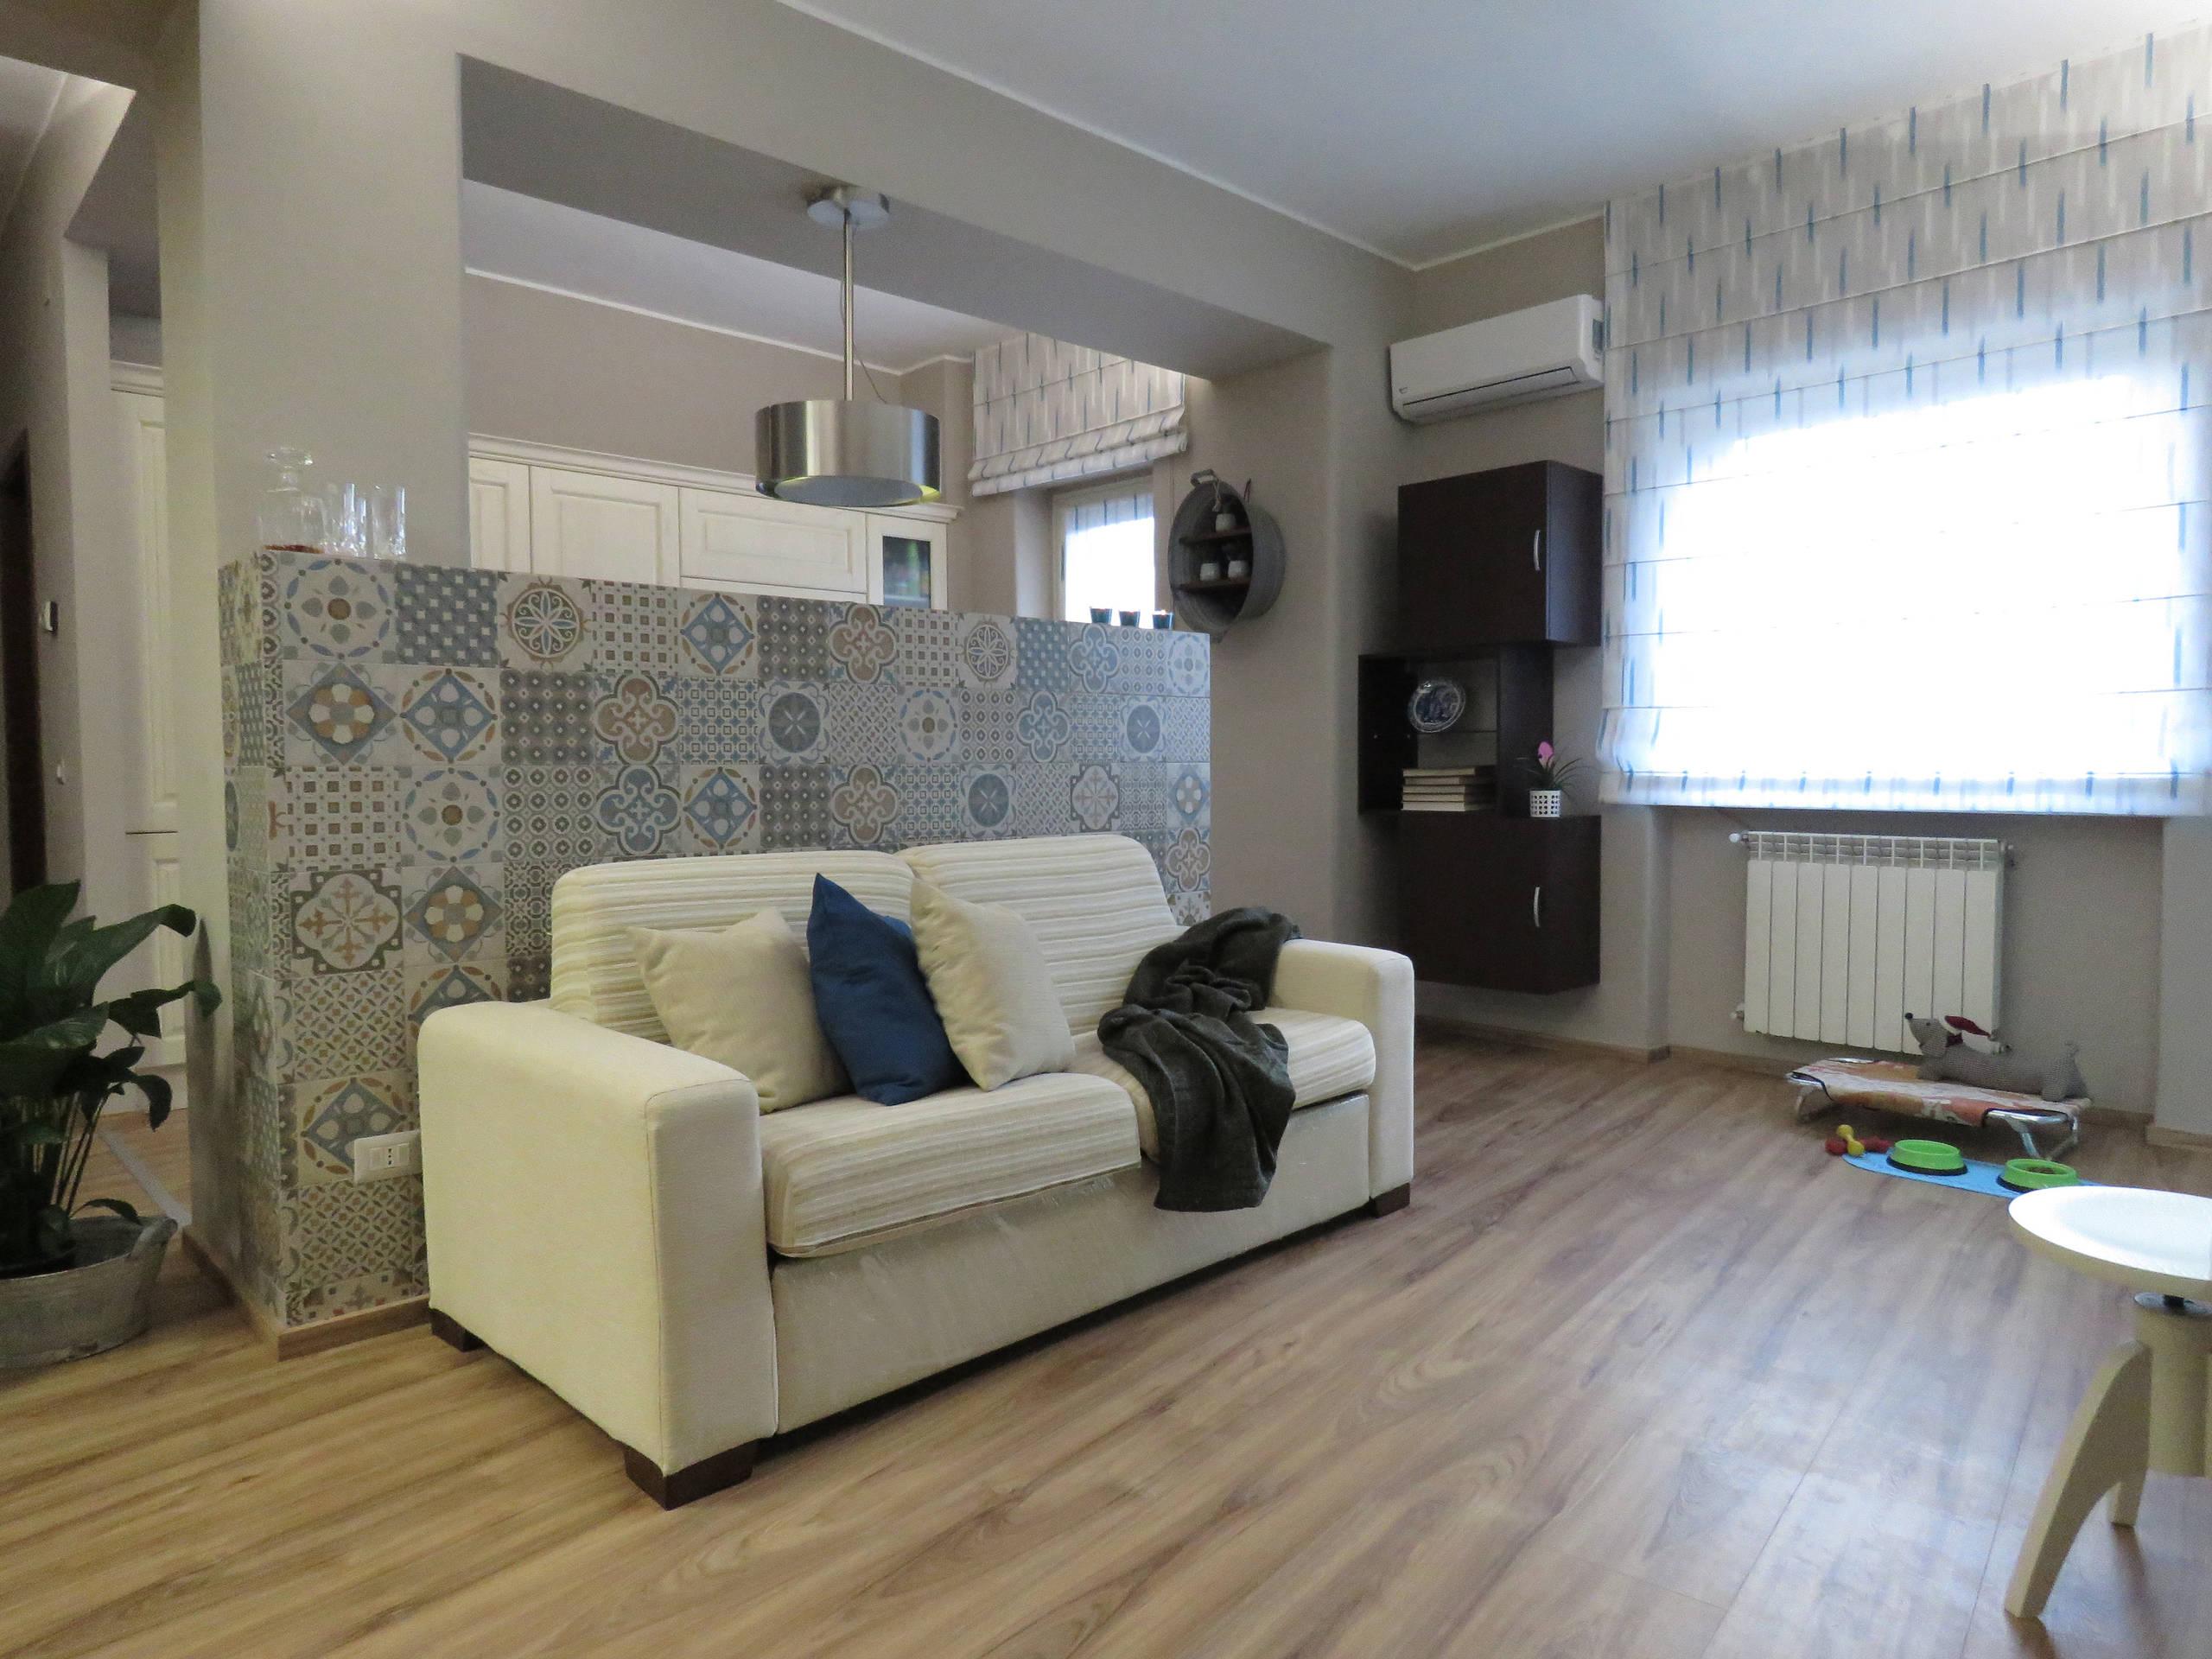 Trasformazione di un appartamento, recuperando antichi arredi